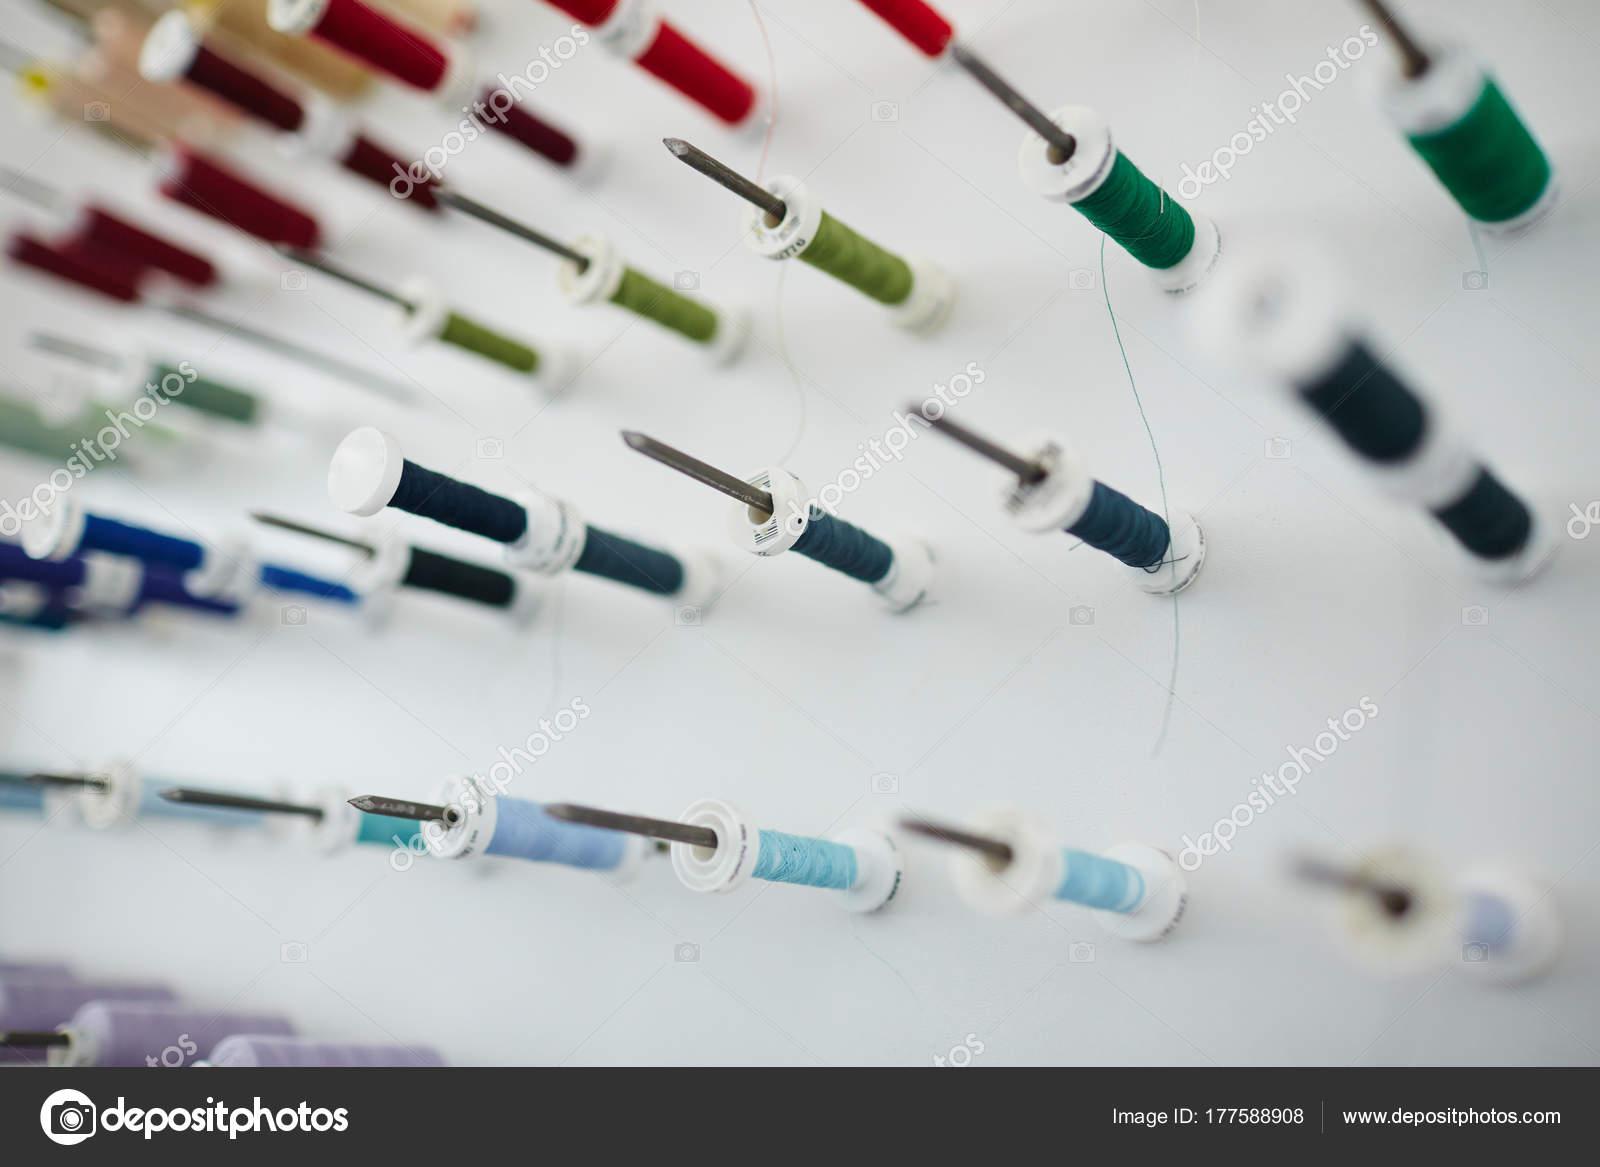 Composición Imagen Fondo Closeup Bobinas Coser Colorido Stand ...